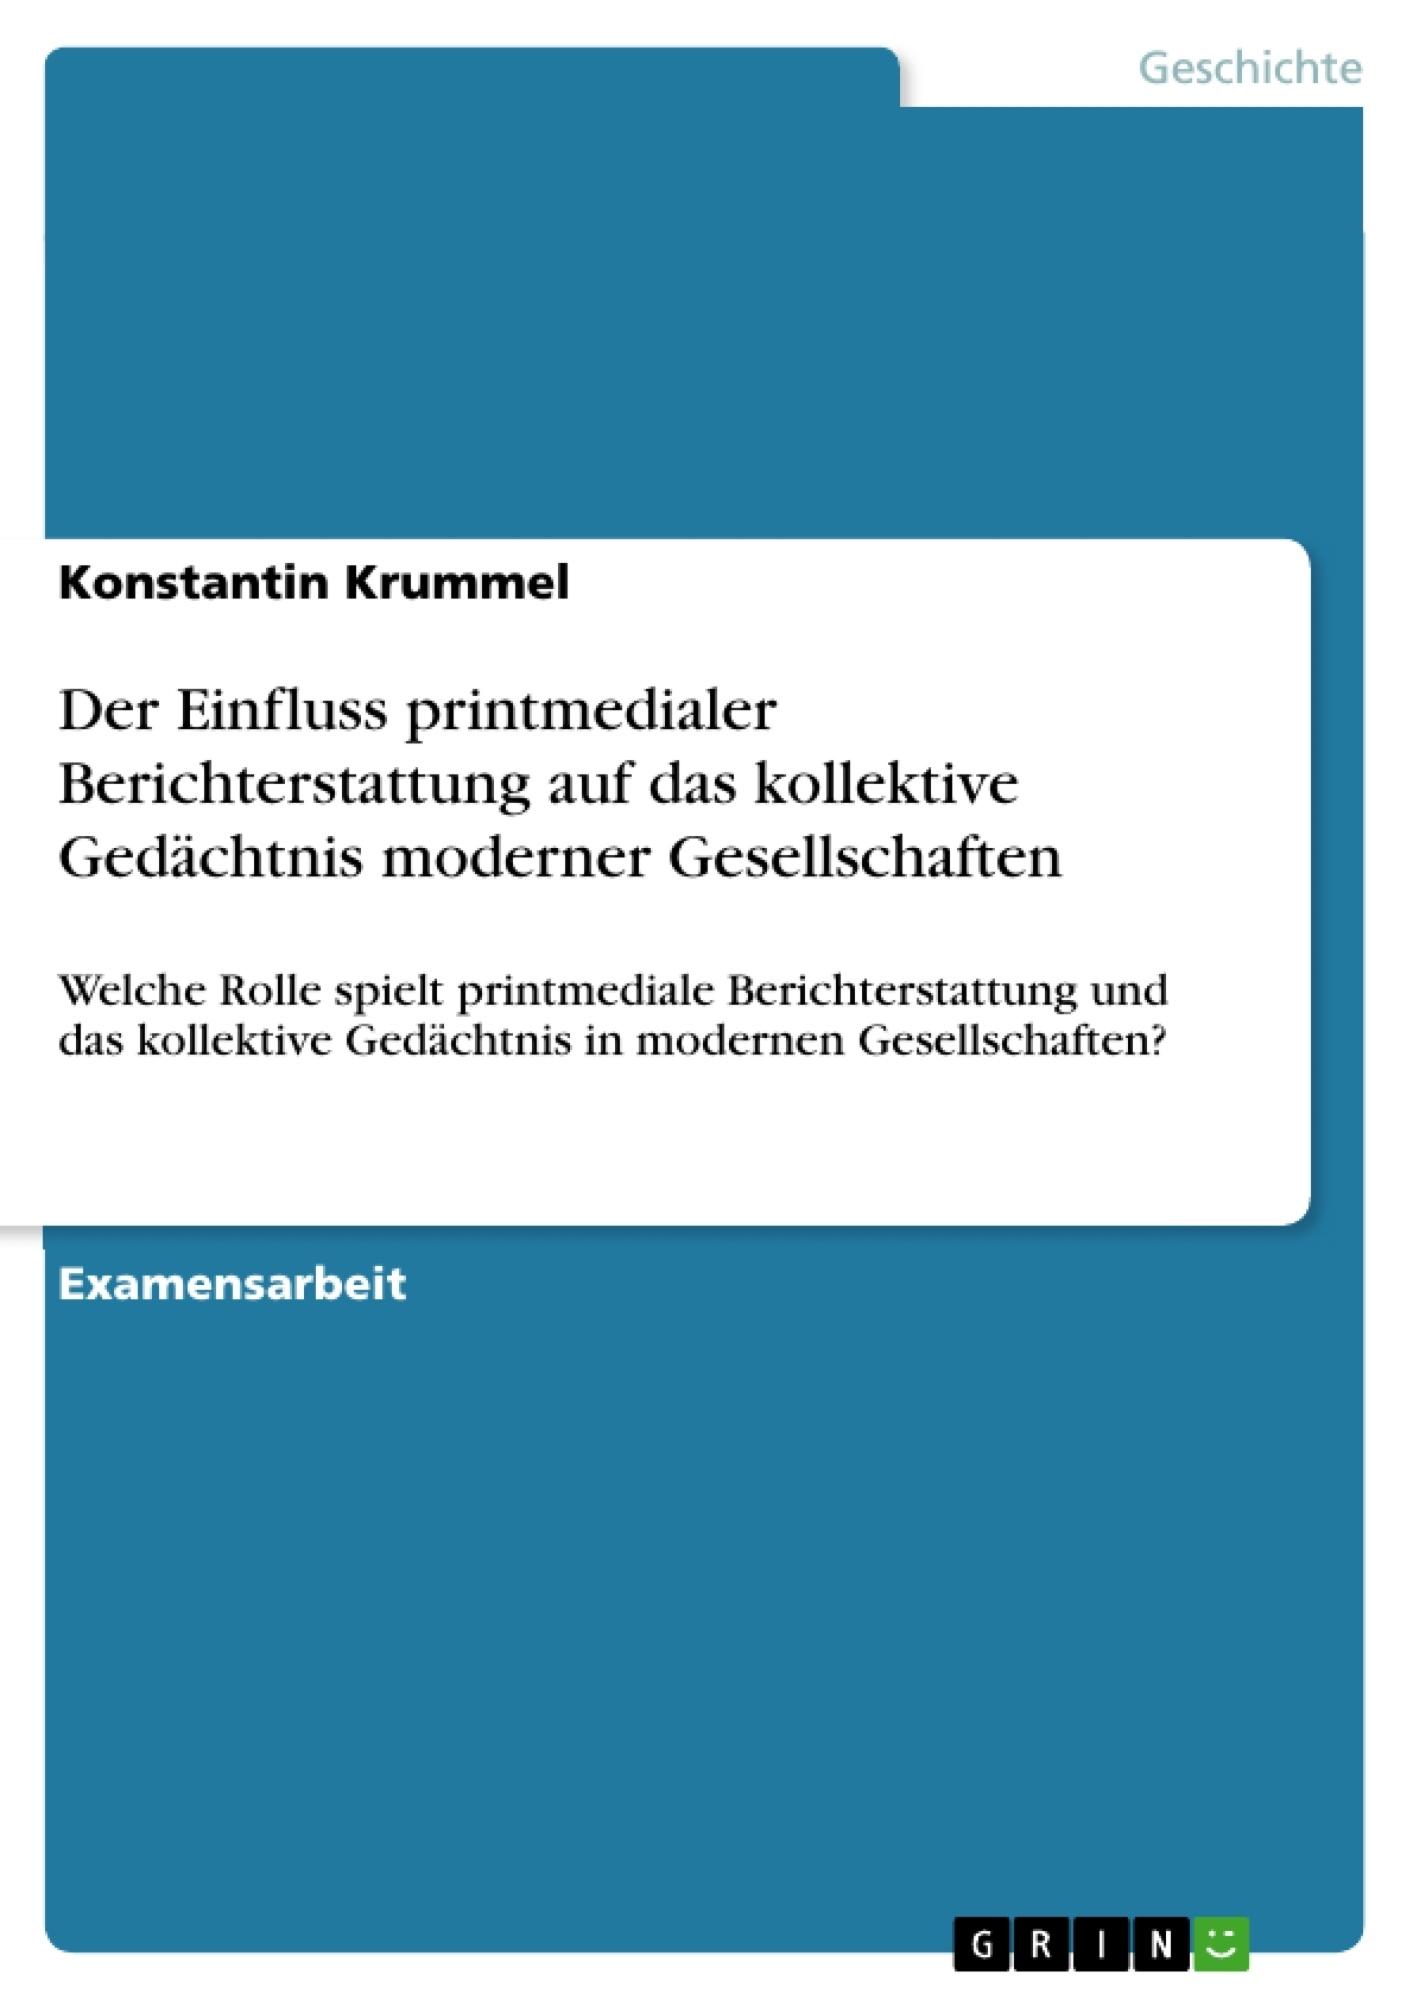 Titel: Der Einfluss printmedialer Berichterstattung auf das kollektive Gedächtnis moderner Gesellschaften